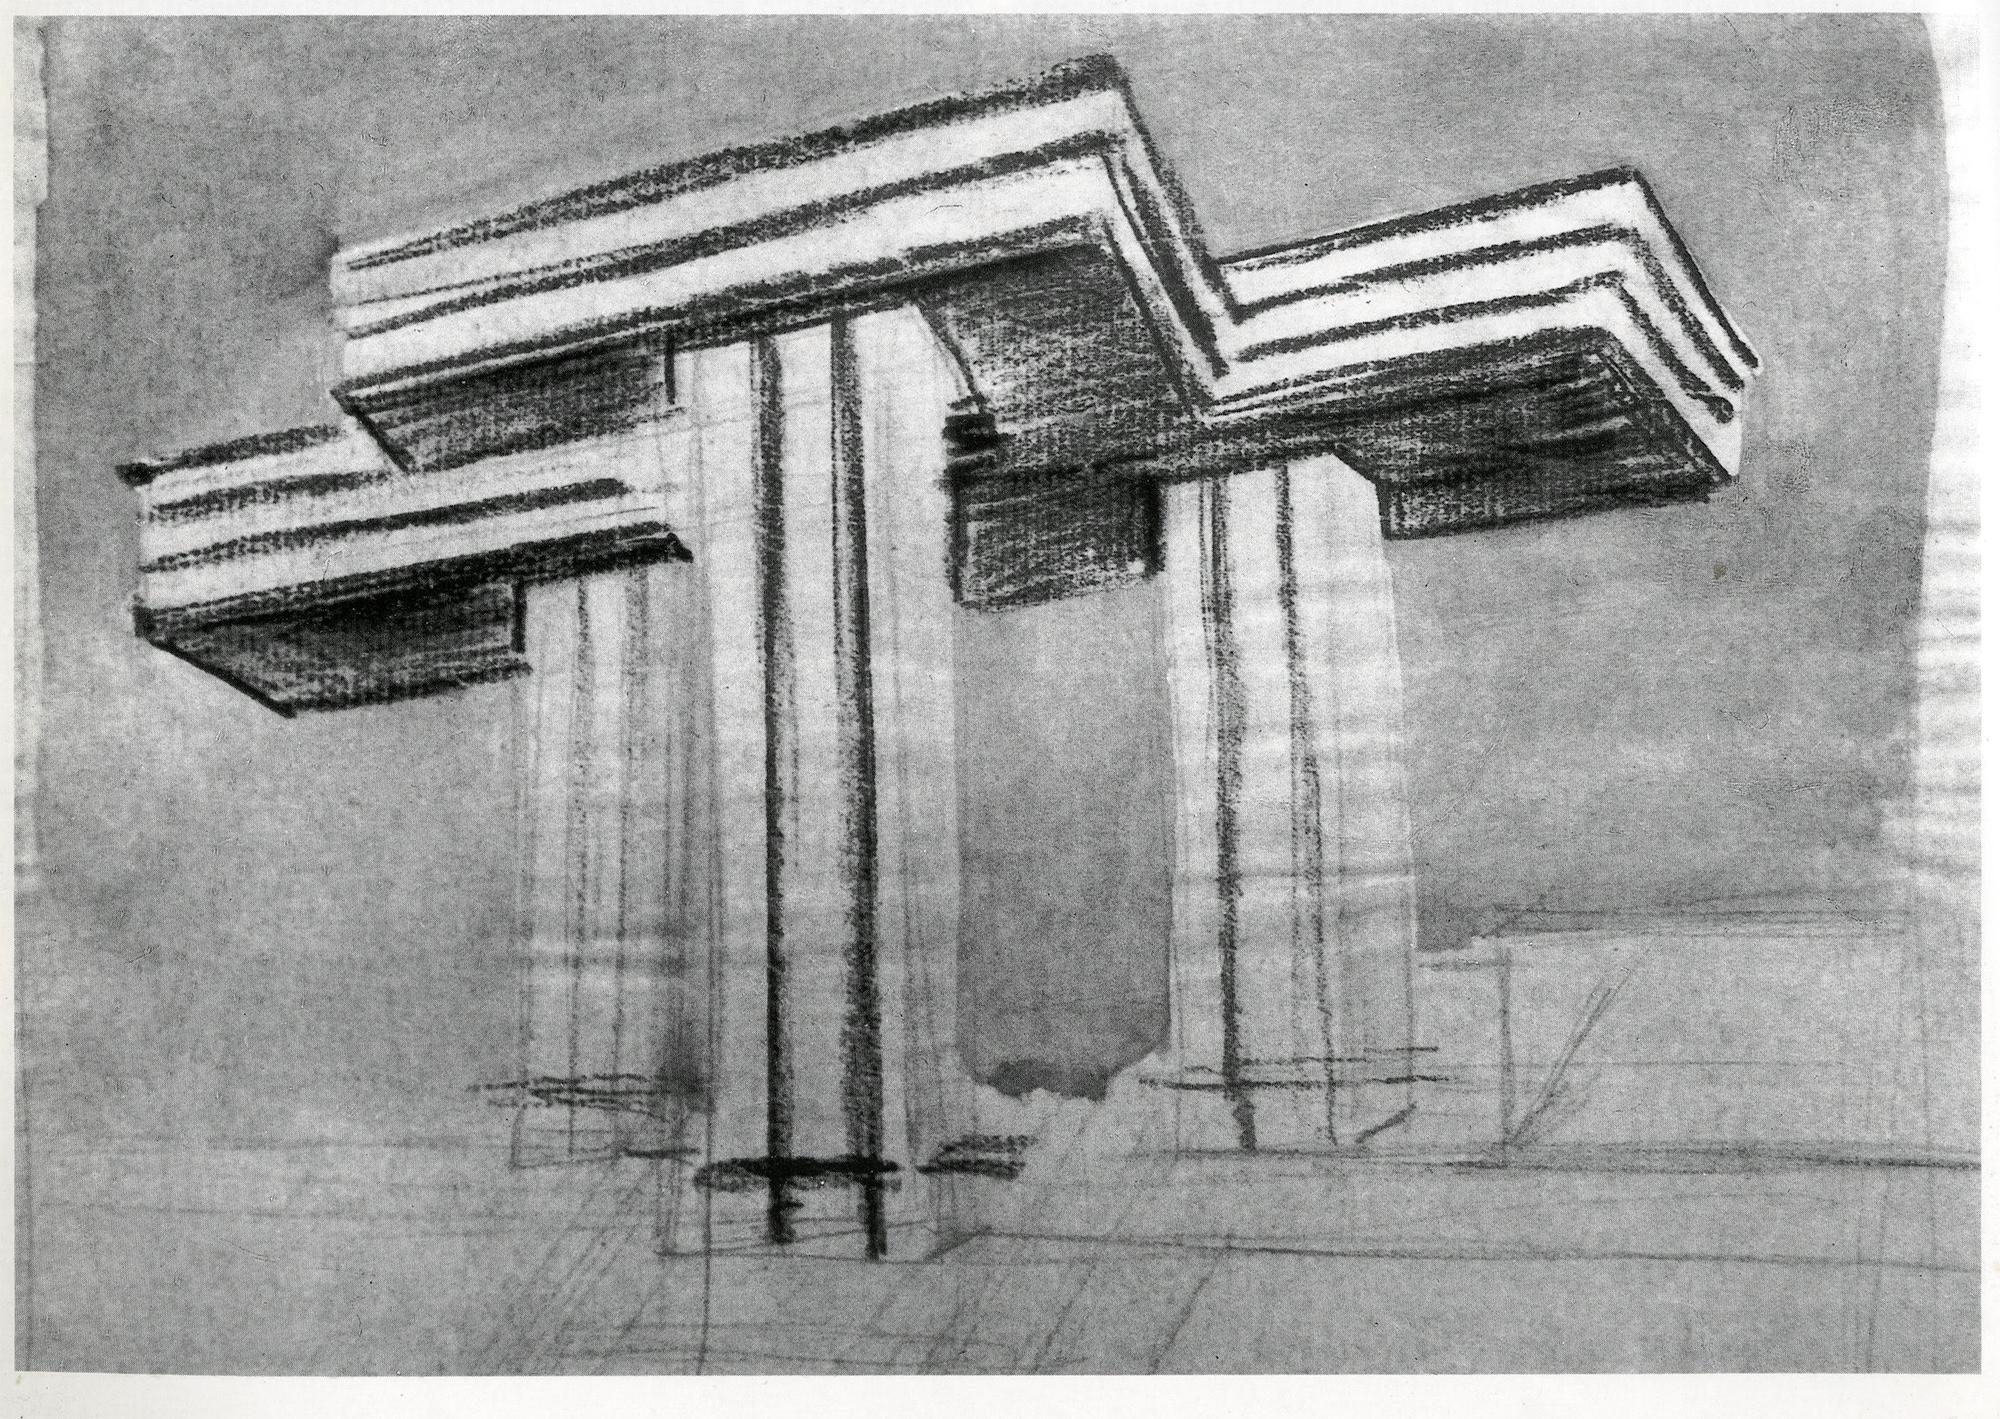 Horizontal Skyscraper El Lissitzky